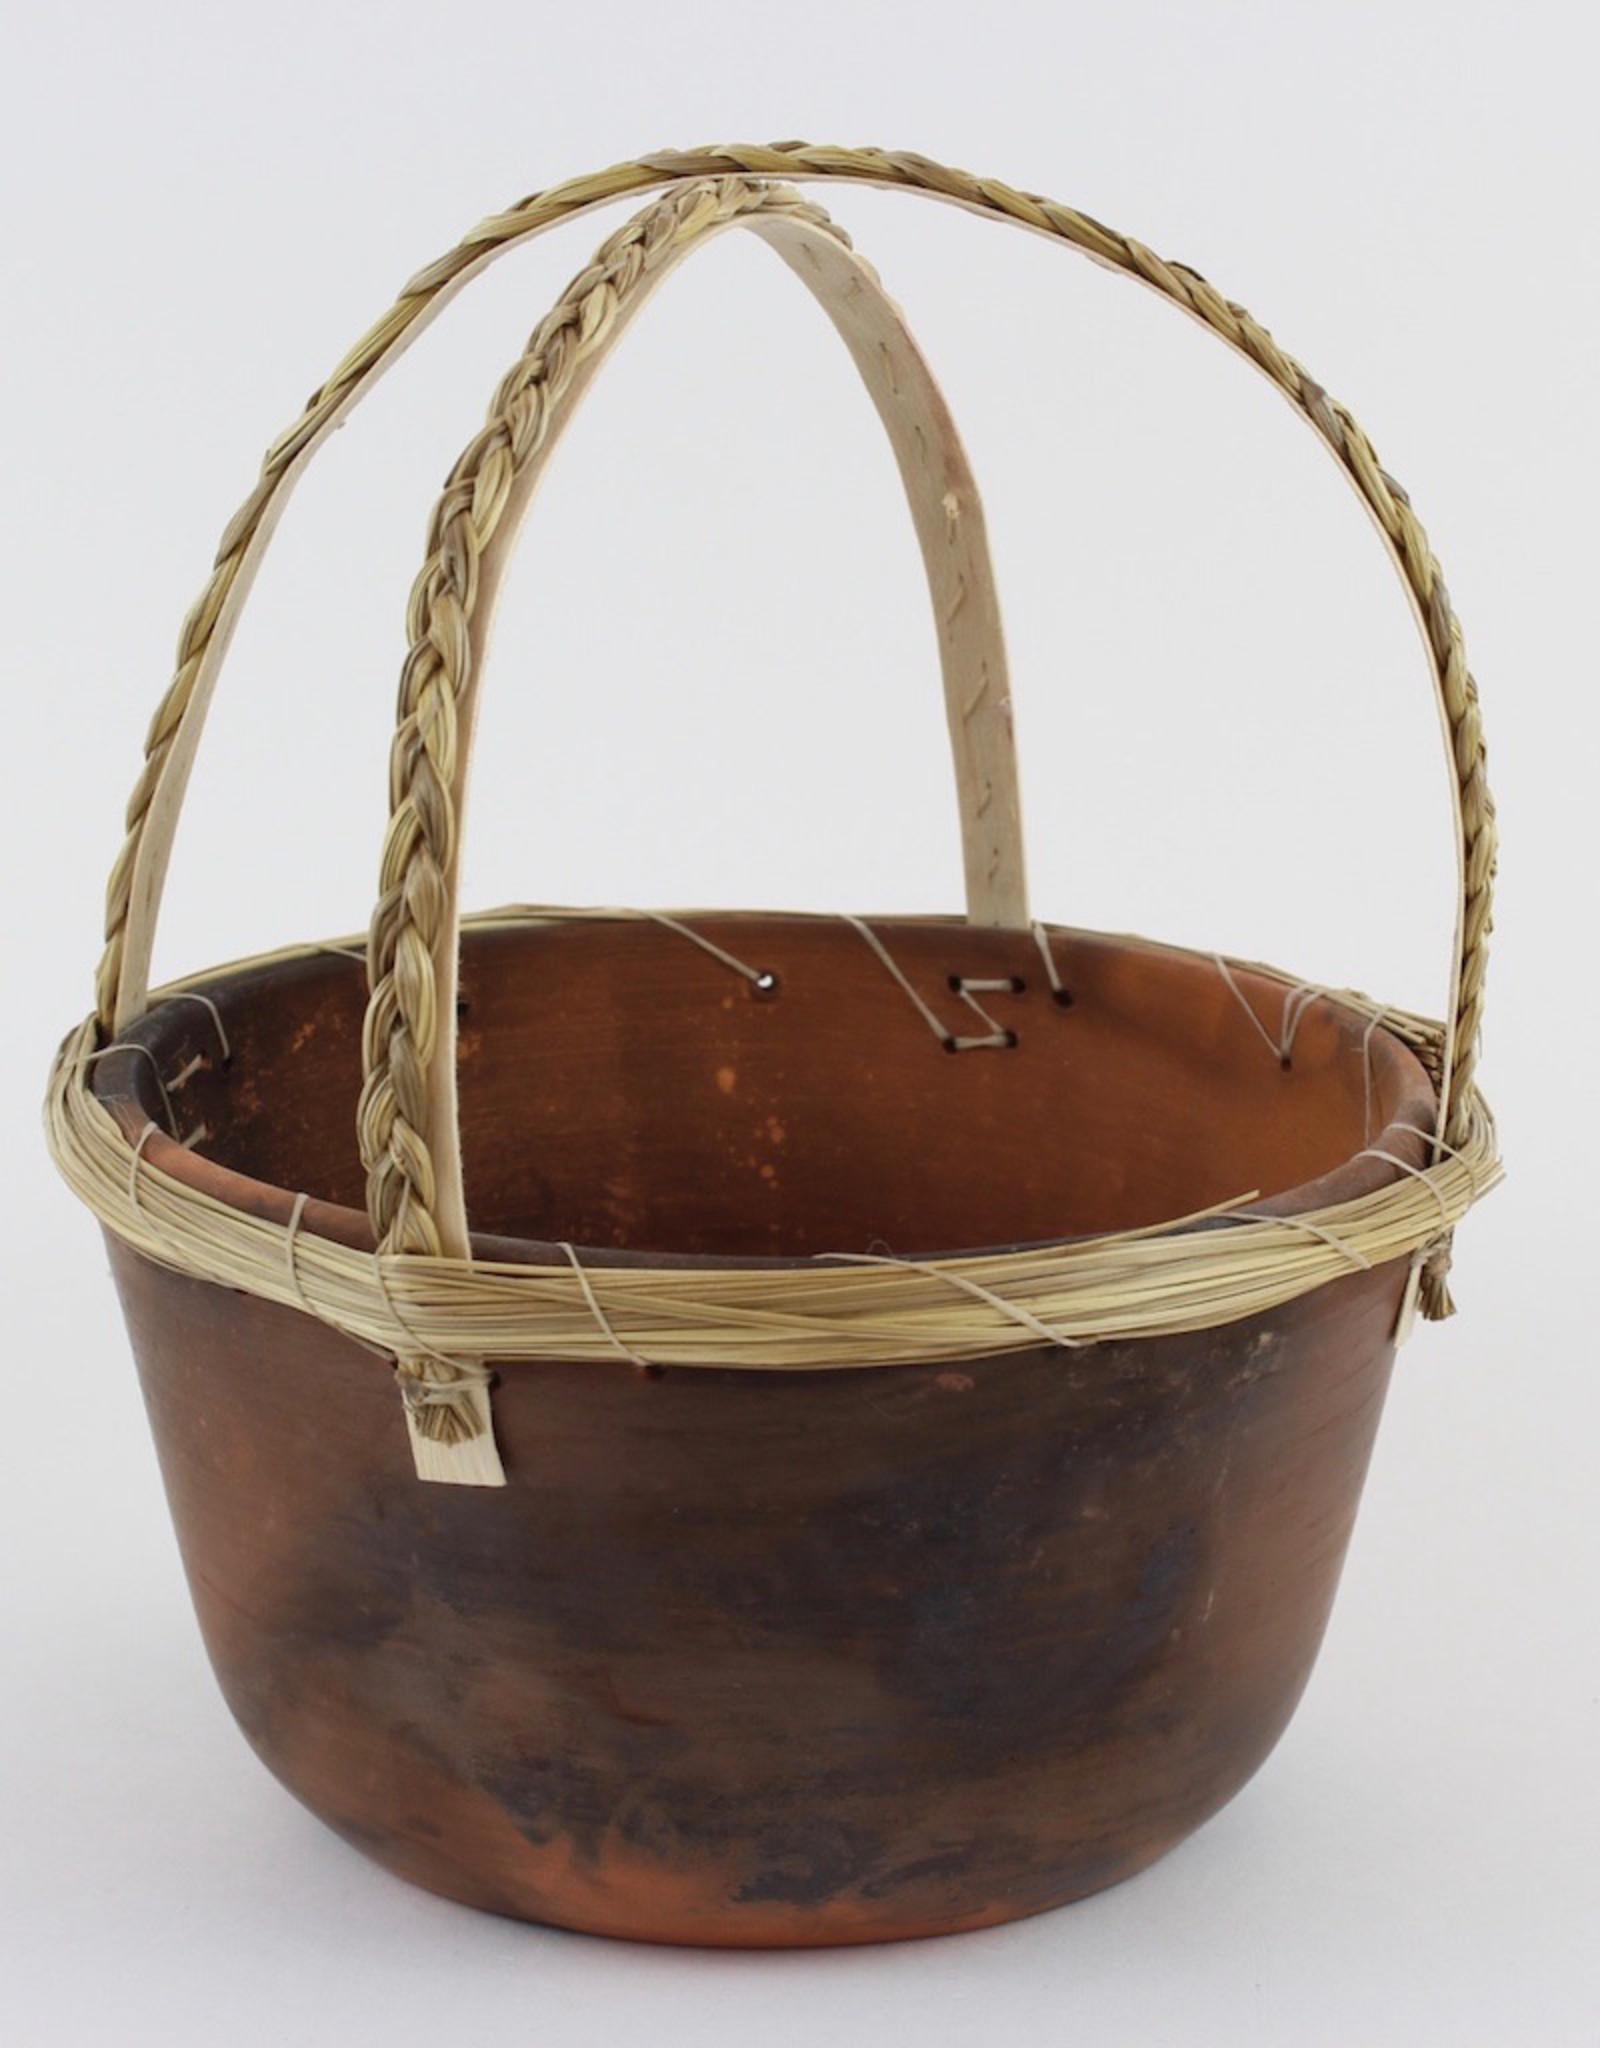 Nancy Oakley Basket with Braided Handles by Nancy Oakley